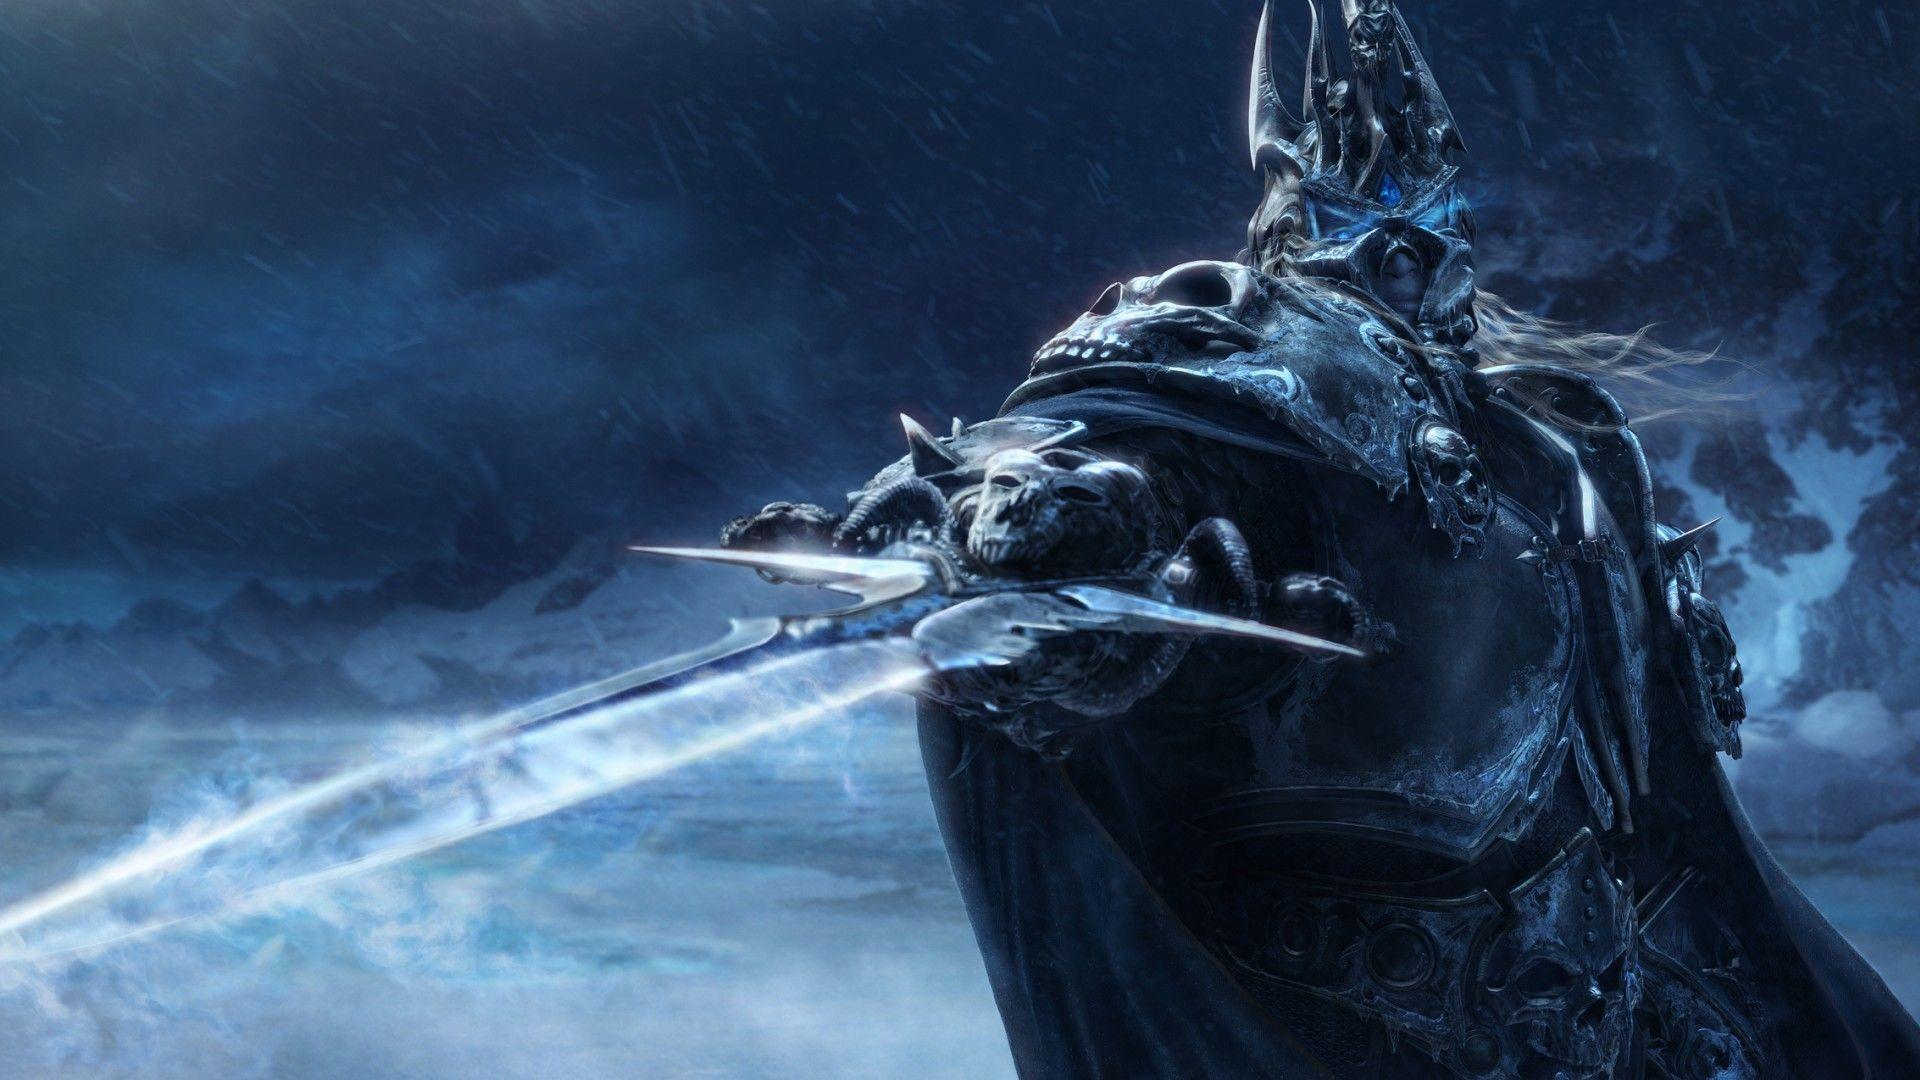 Lich-King-Banner.jpg